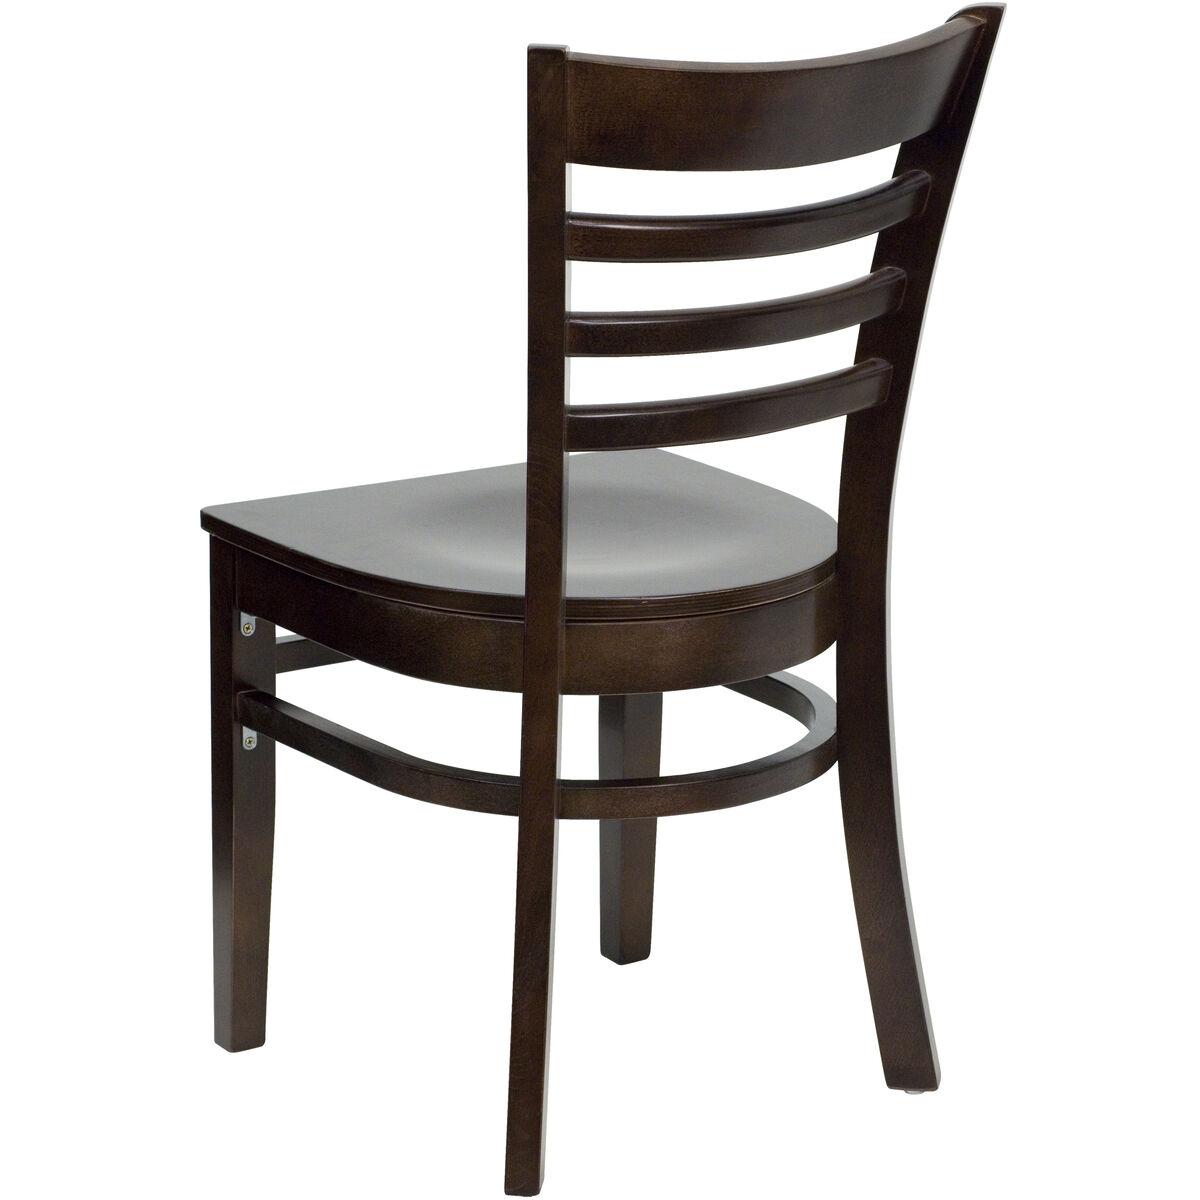 Walnut wood dining chair bfdh ww tdr